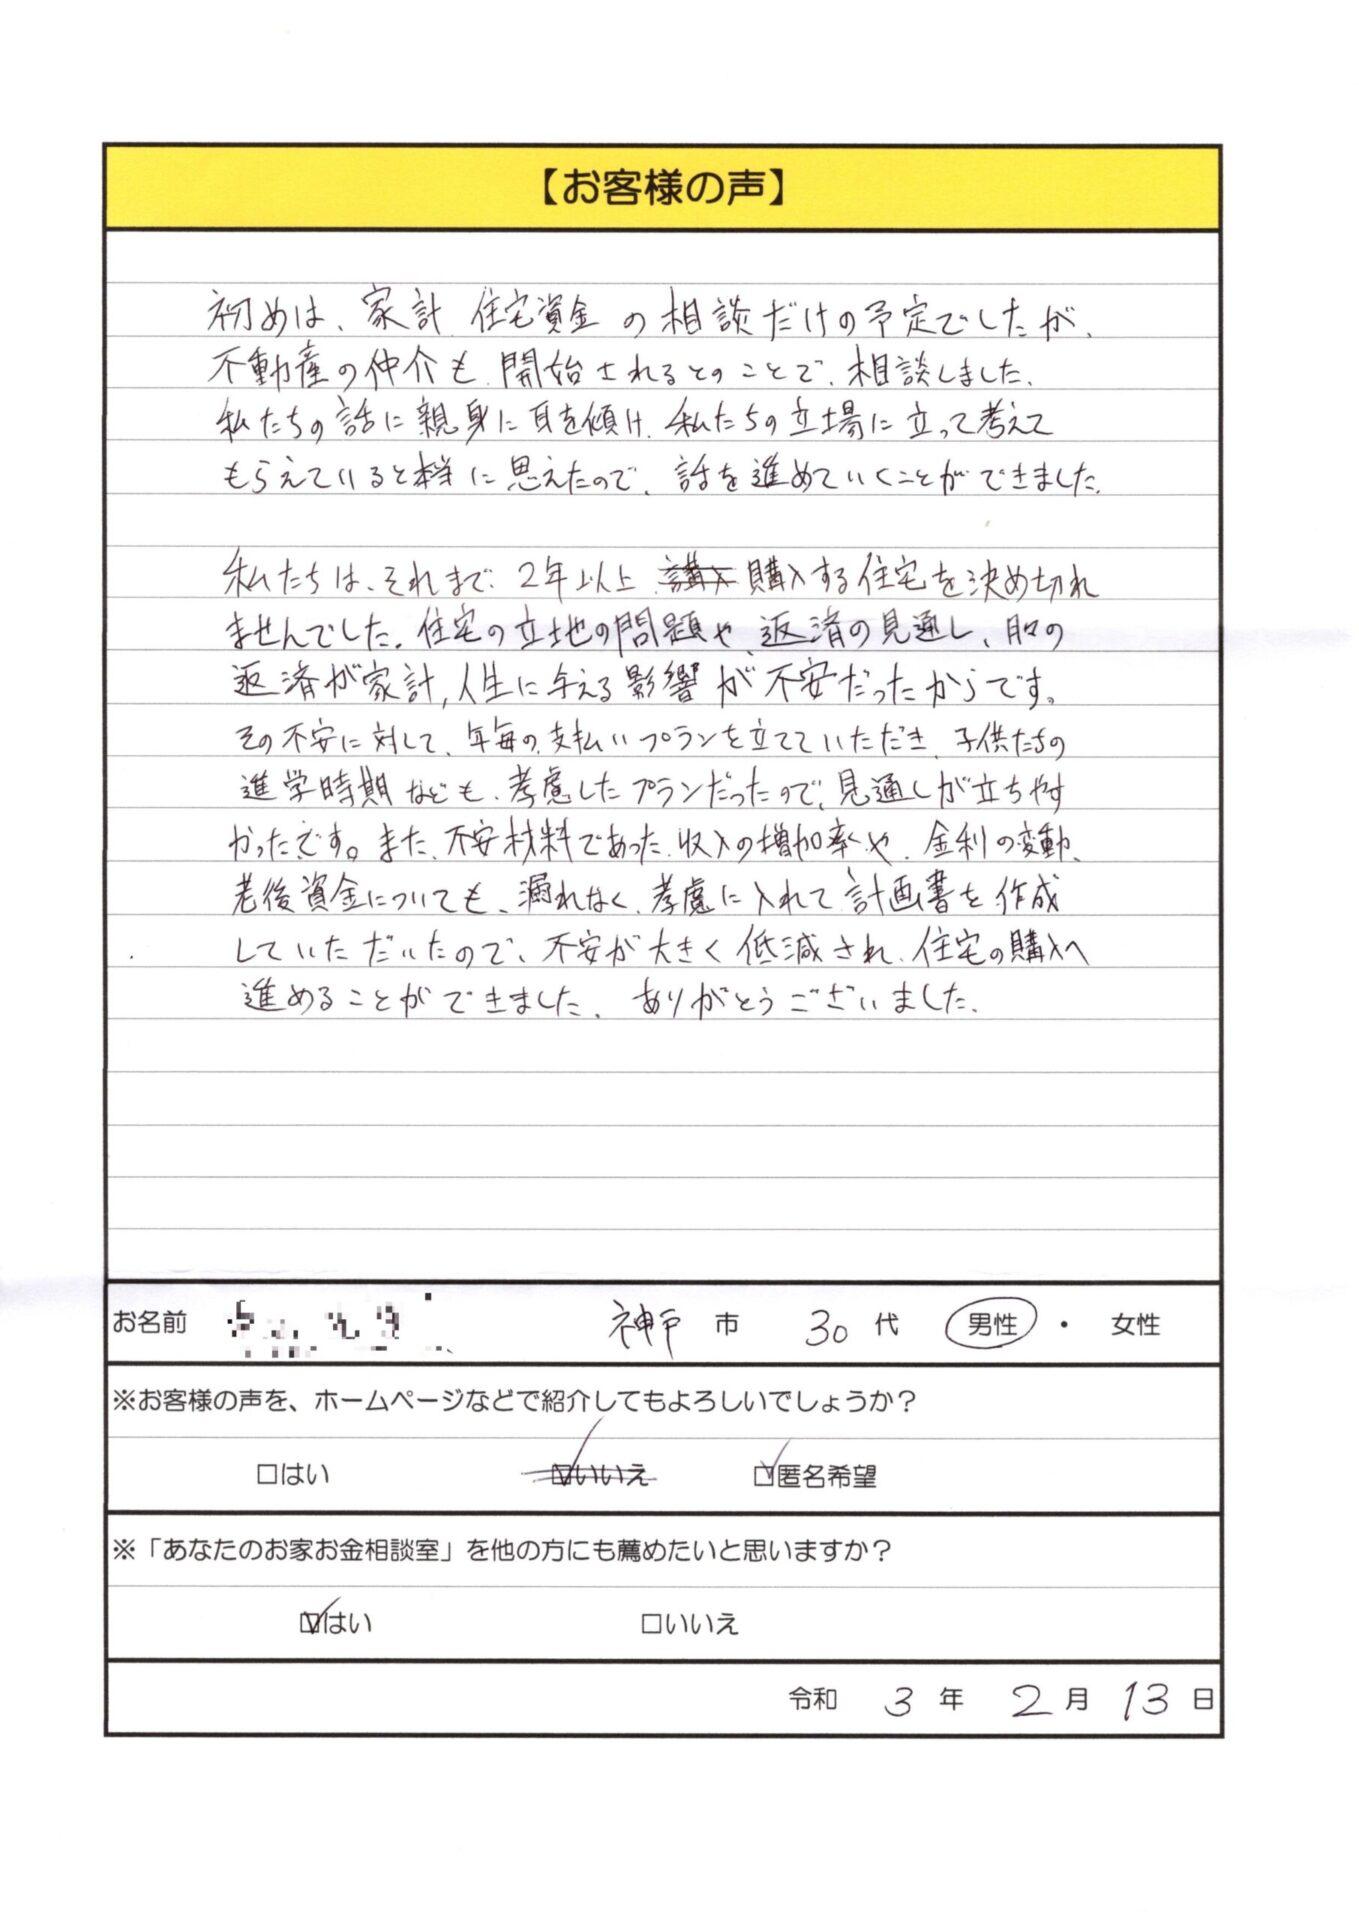 兵庫県 住宅購入相談